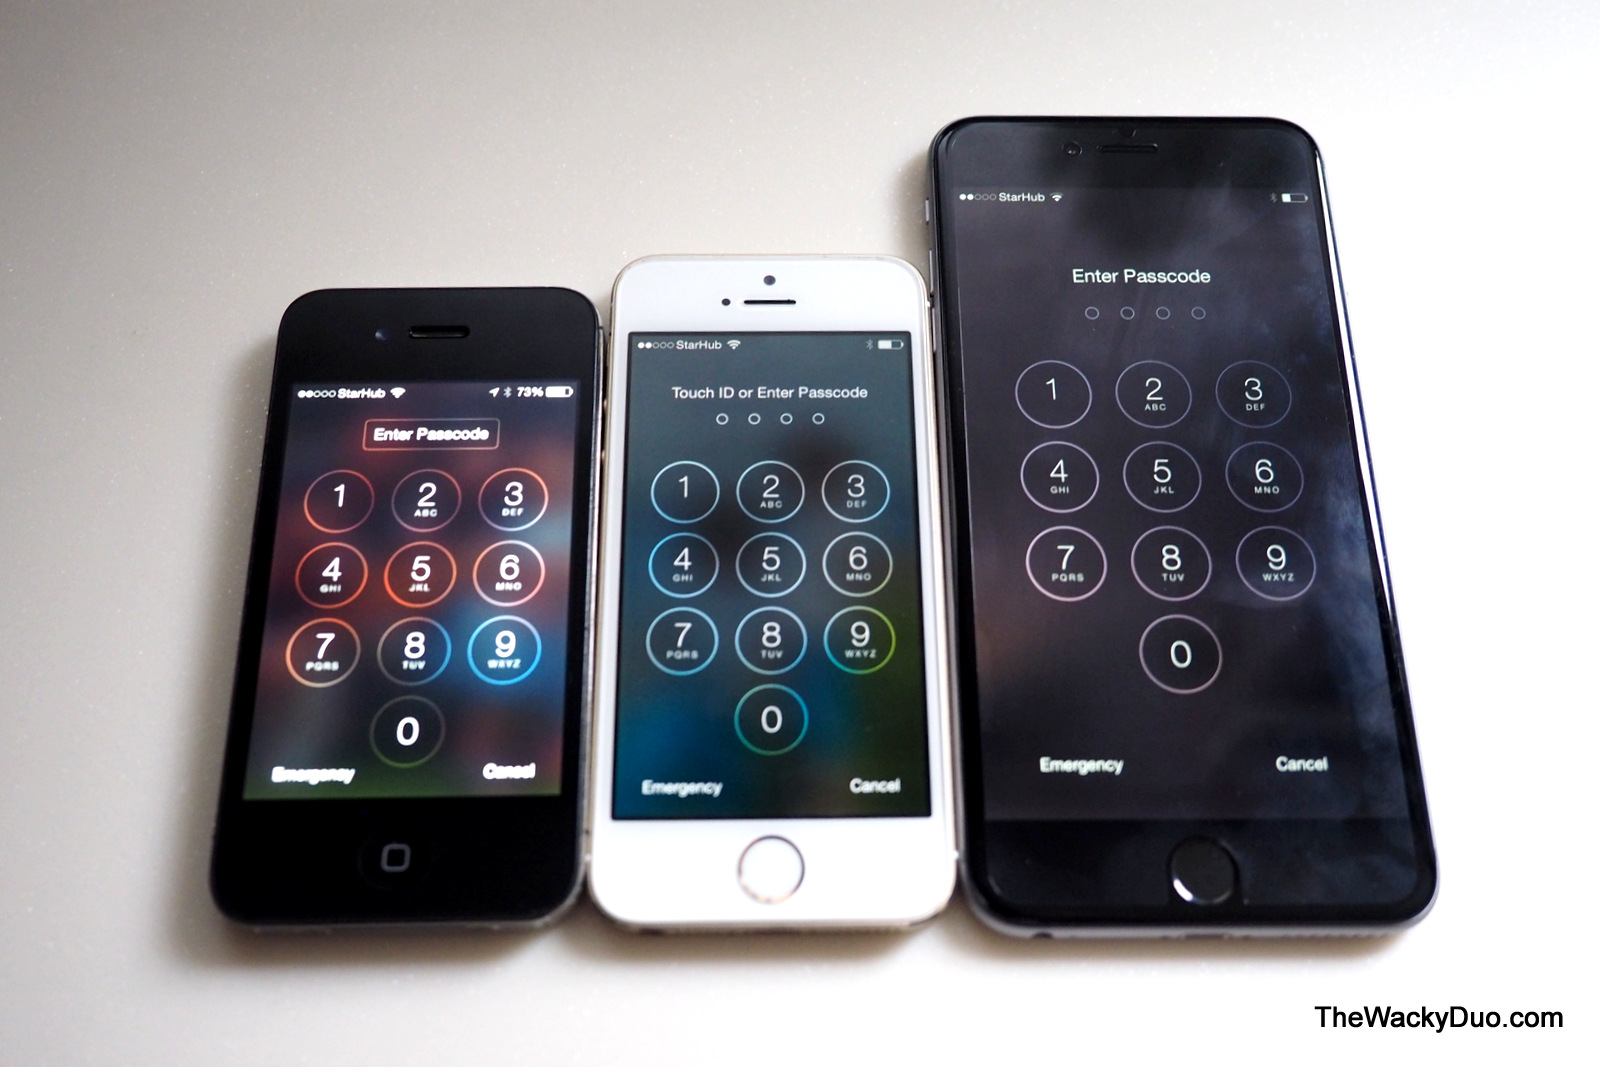 IPhone 4s Vs 5s 6 Plus